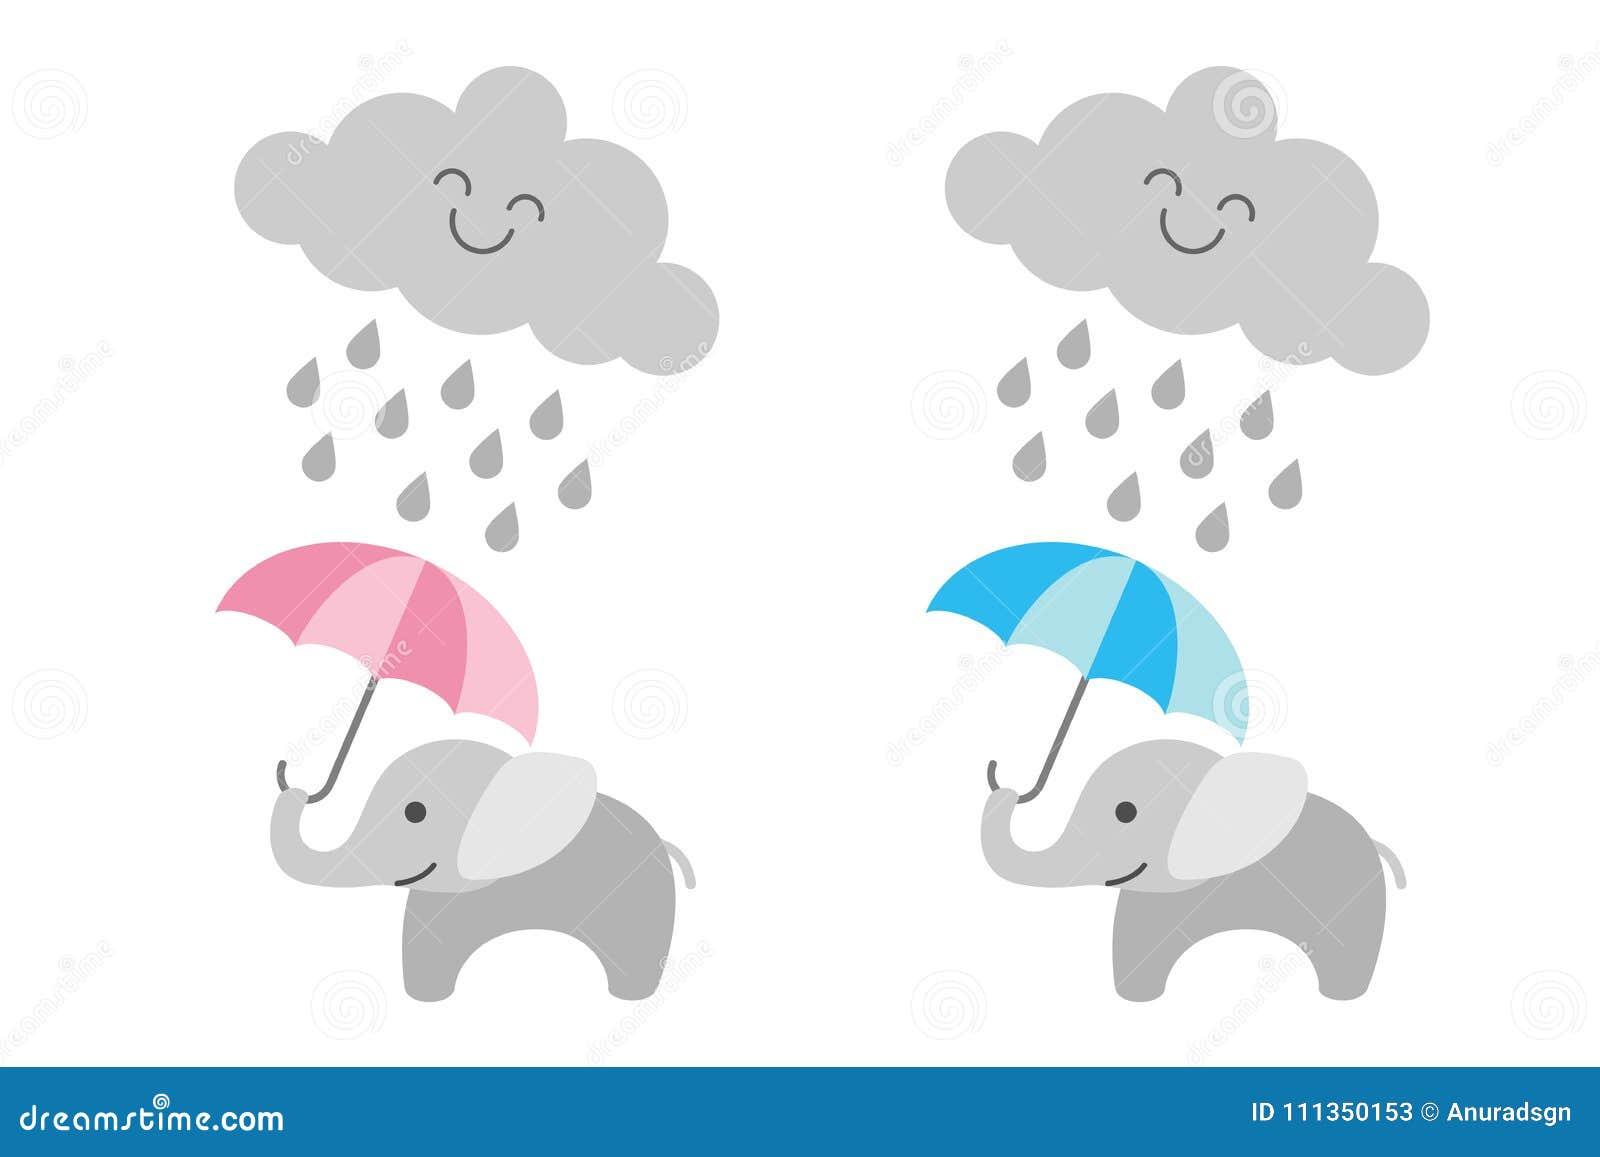 Śliczny dziecko słoń pod dżdżystą chmurą - dziewczyna i chłopiec